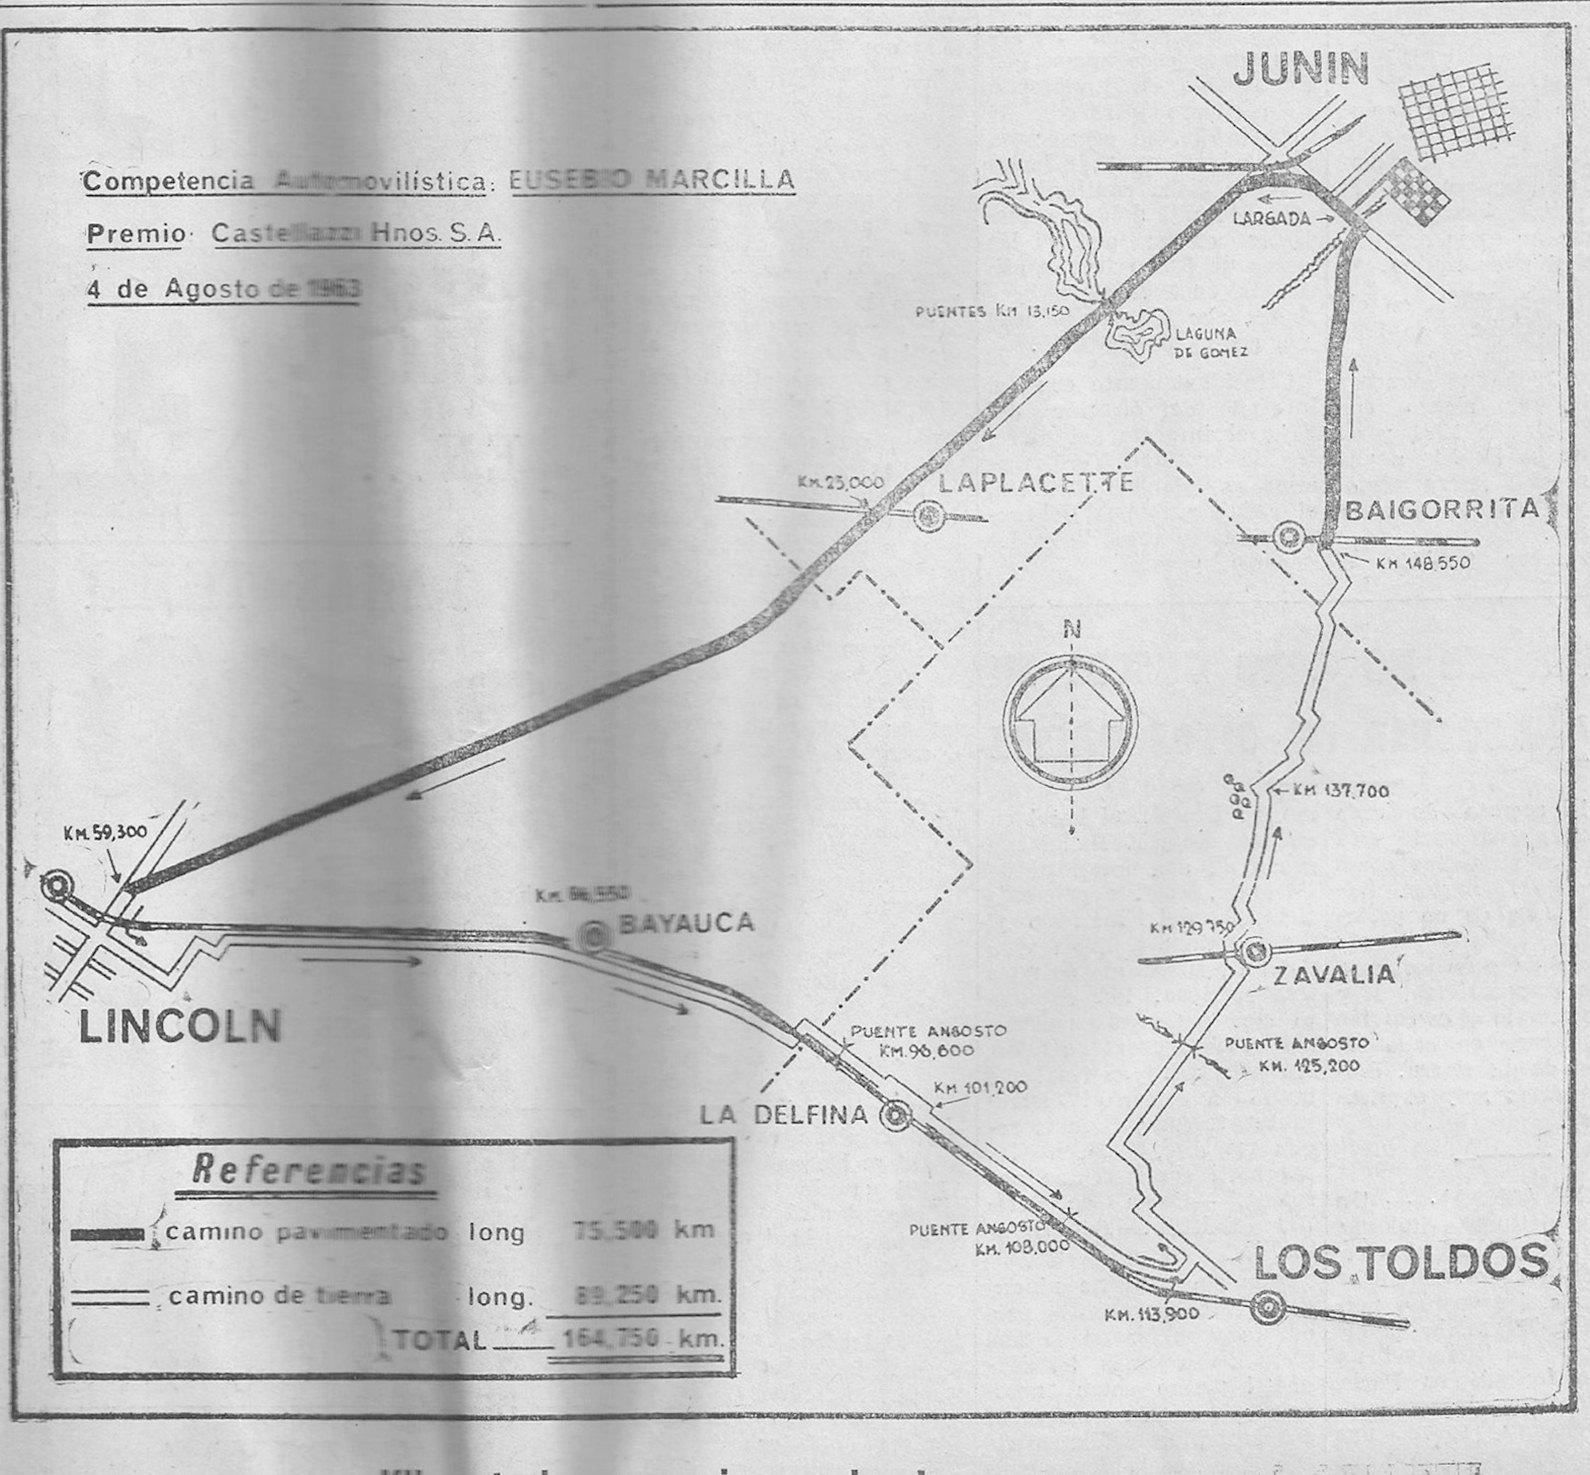 Circuito Galvez : Clasificacion f galvez circuito nº youtube